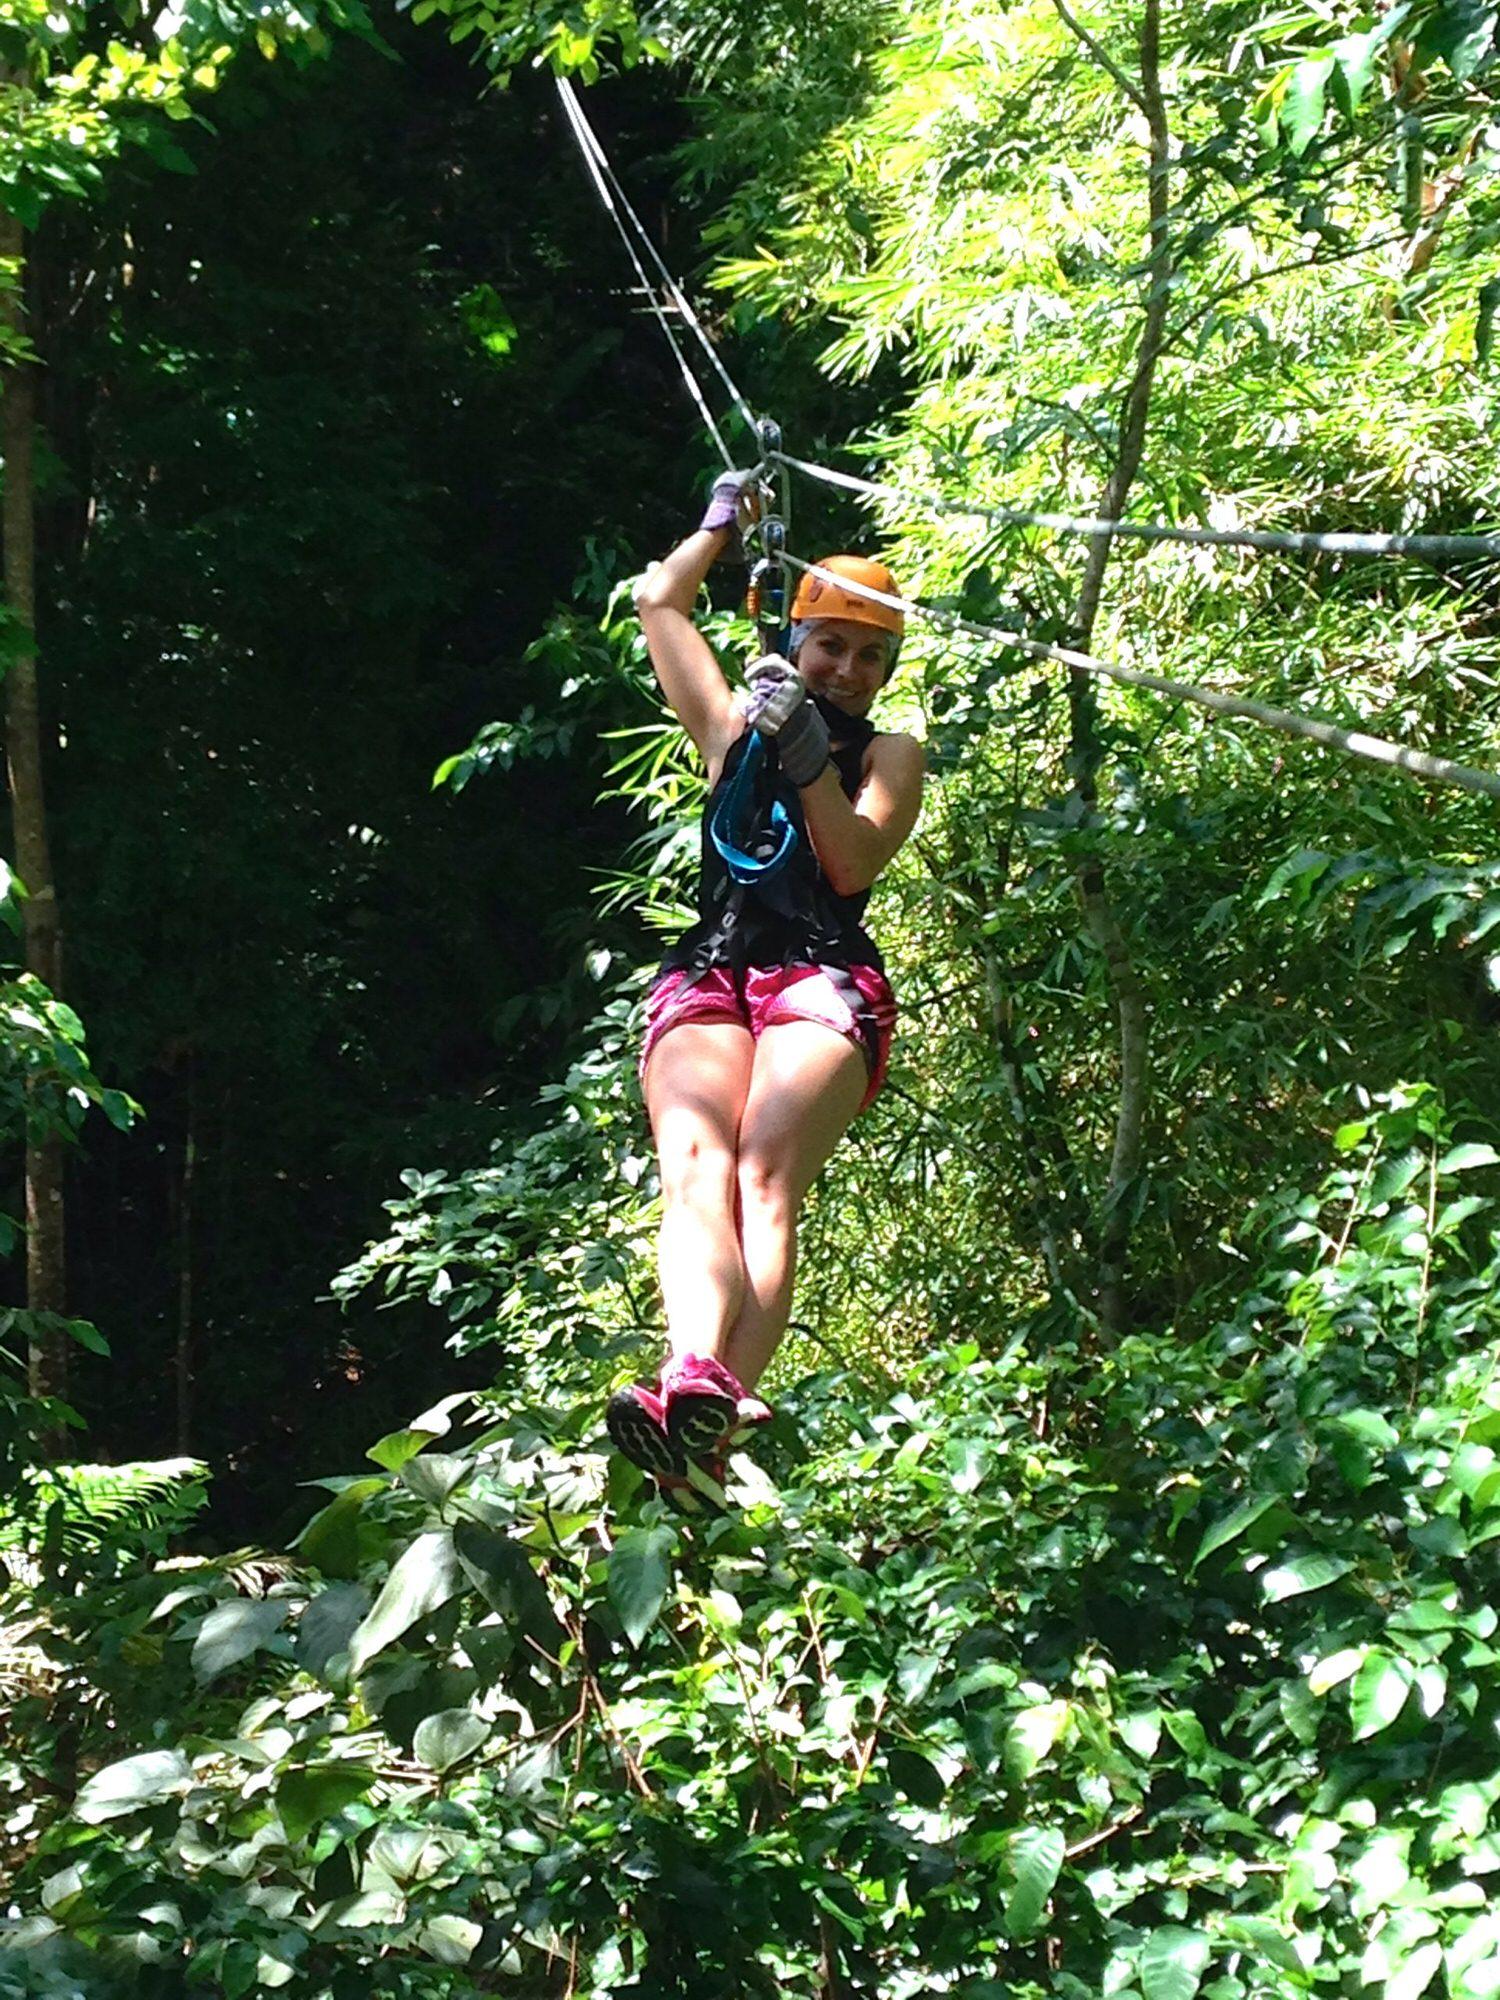 Ziplining in St Lucia